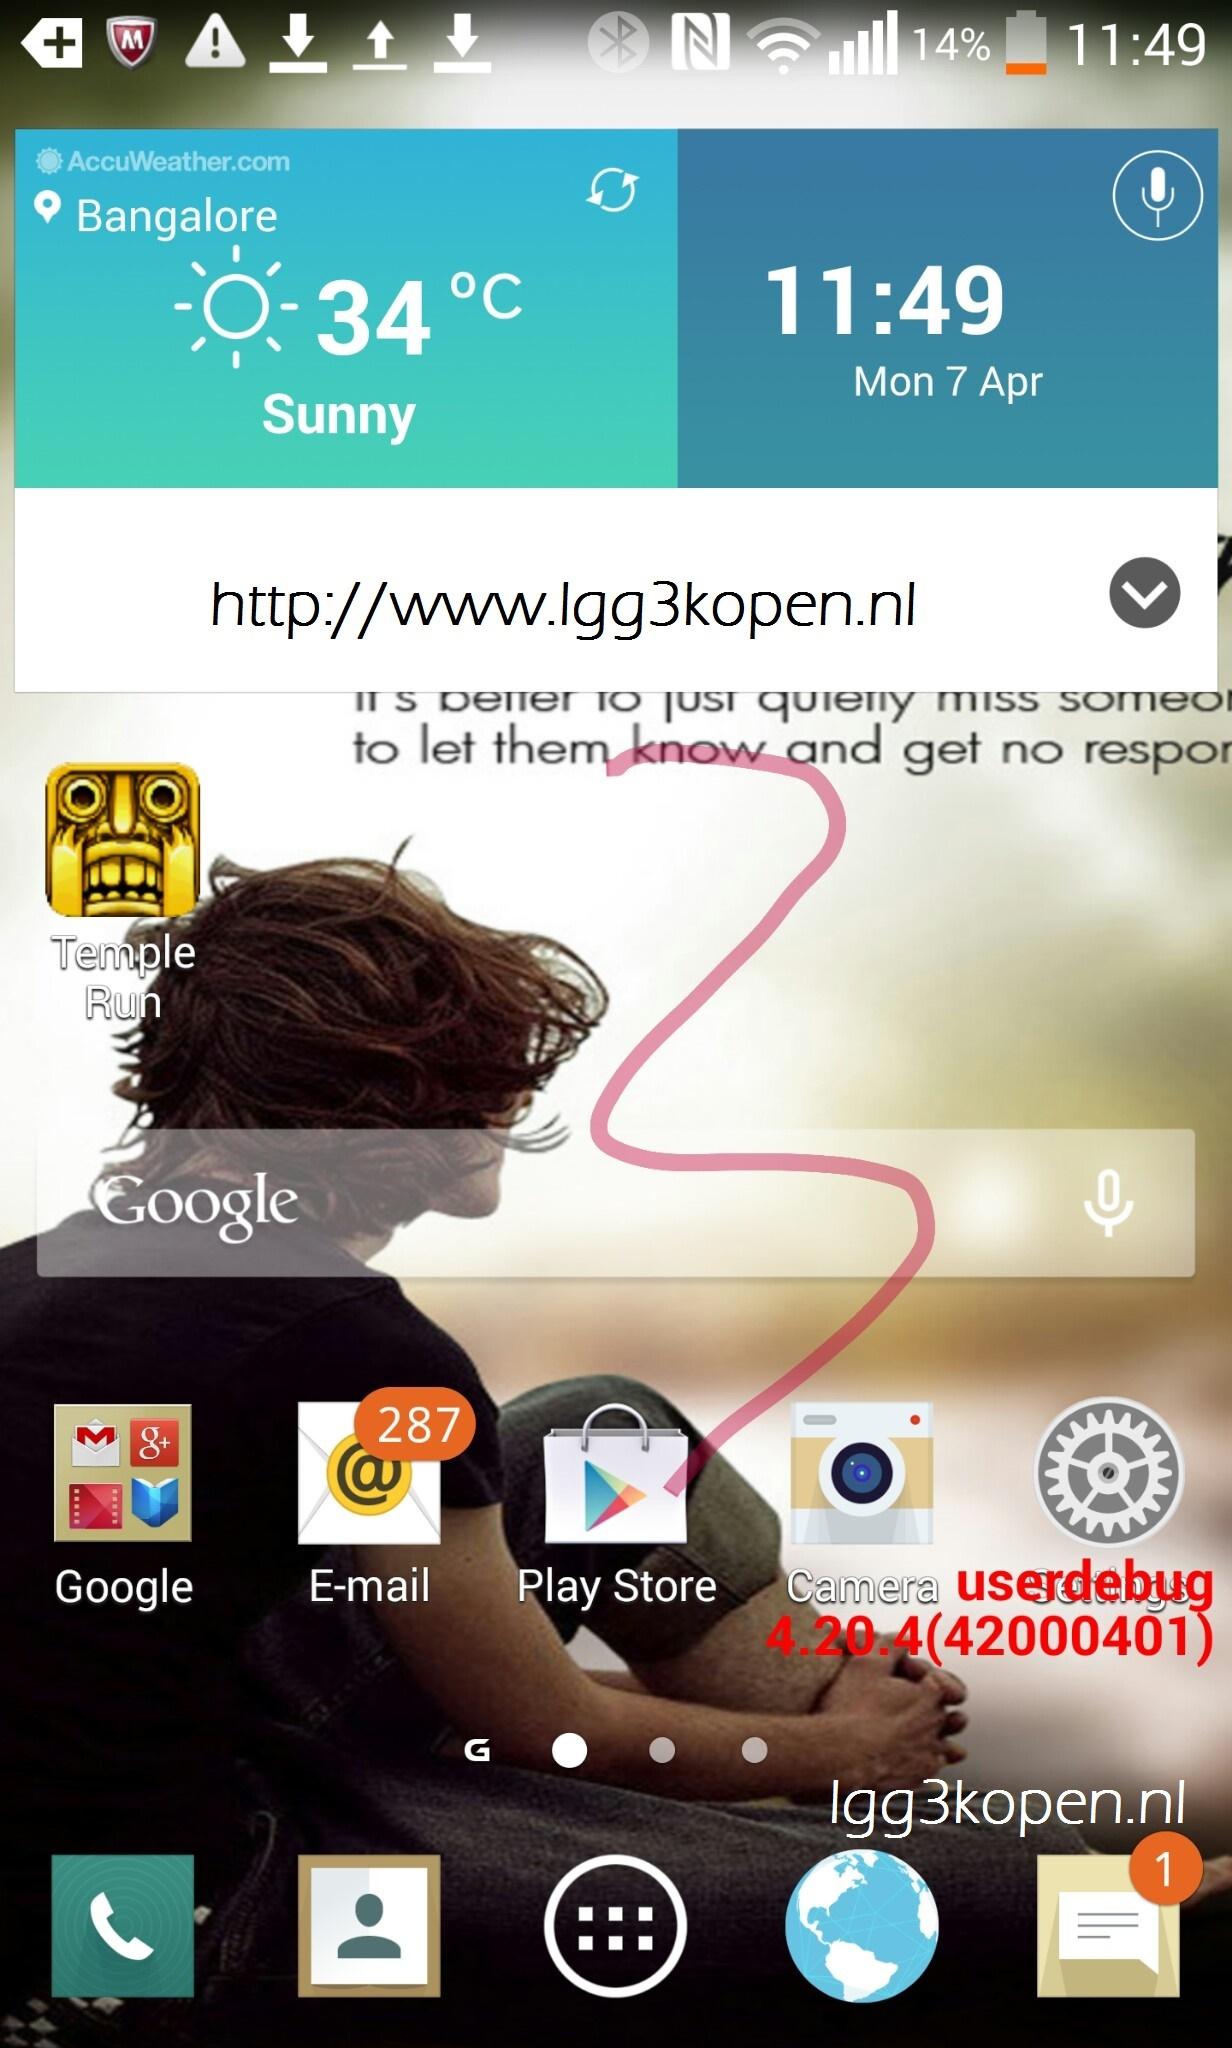 LG G3 KitKat Screenshot